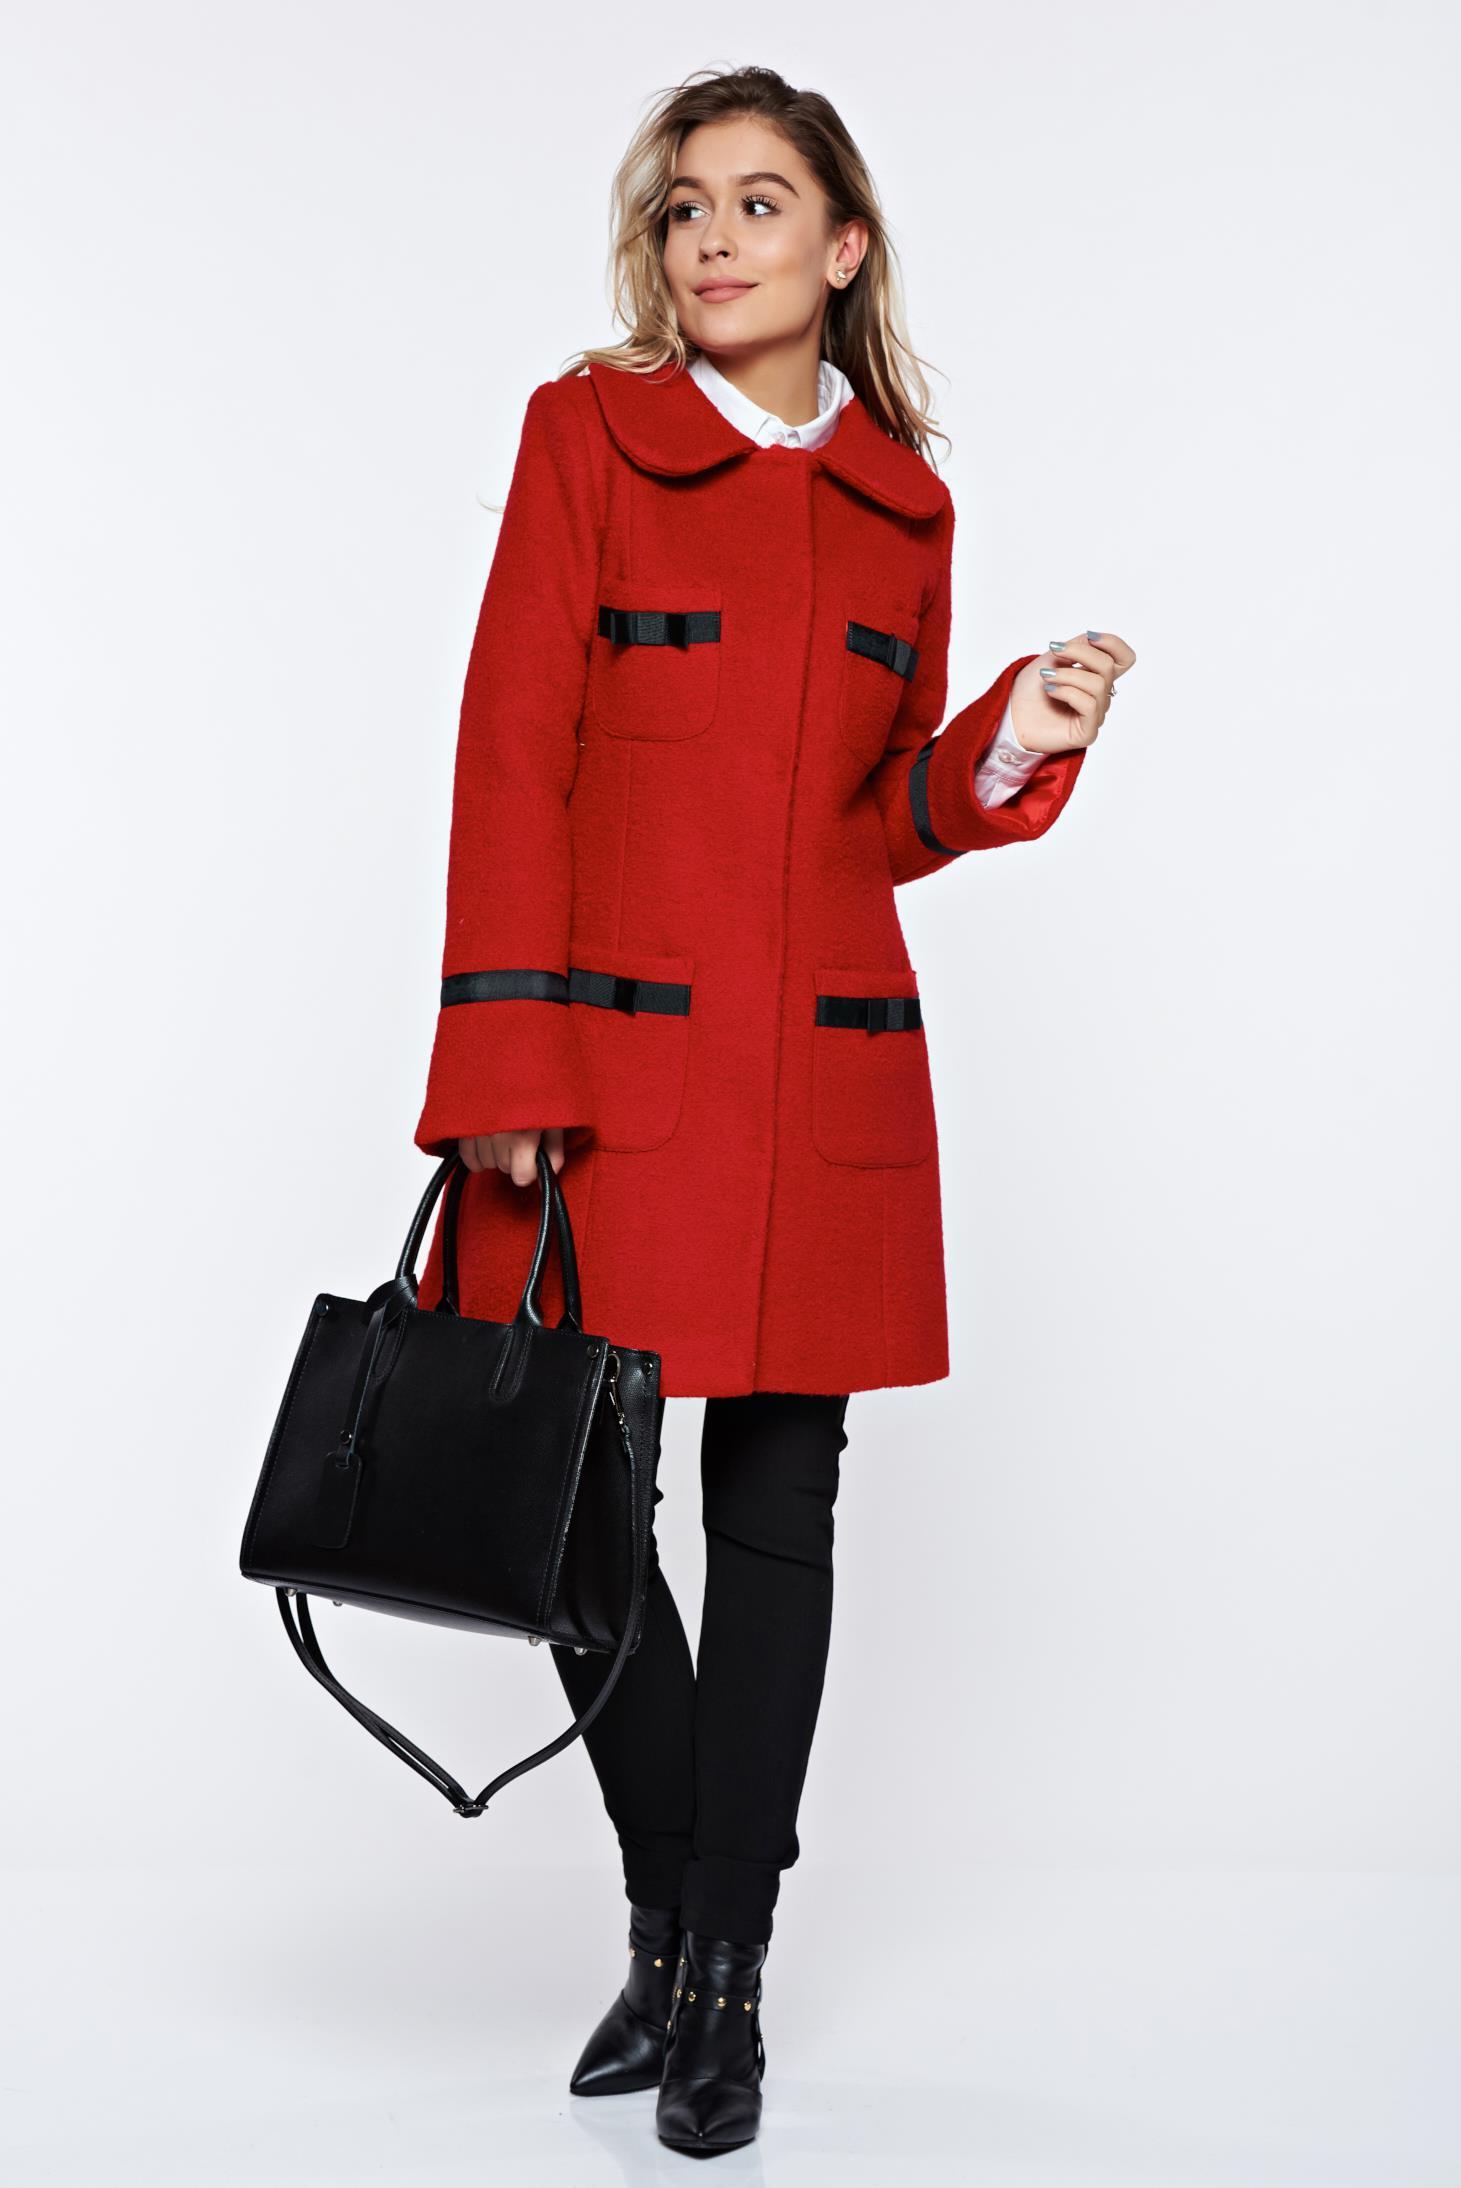 Palton LaDonna rosu elegant din lana drept cu guler rotunjit accesorizat cu fundite